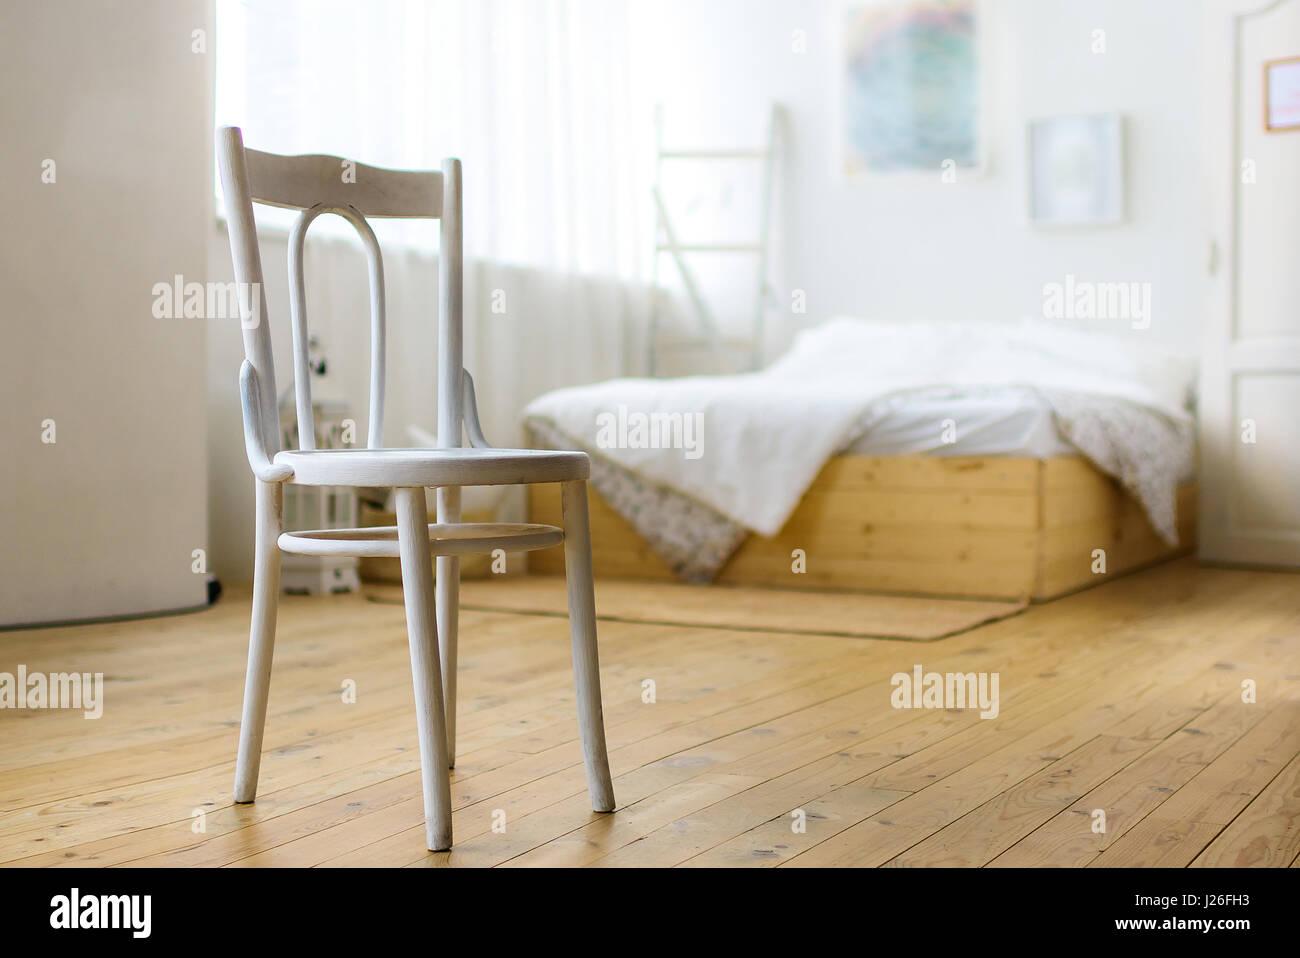 Stuhl Für Schlafzimmer | Weisser Stuhl Im Schlafzimmer Bett Und Gemalde An Der Wand Stockfoto